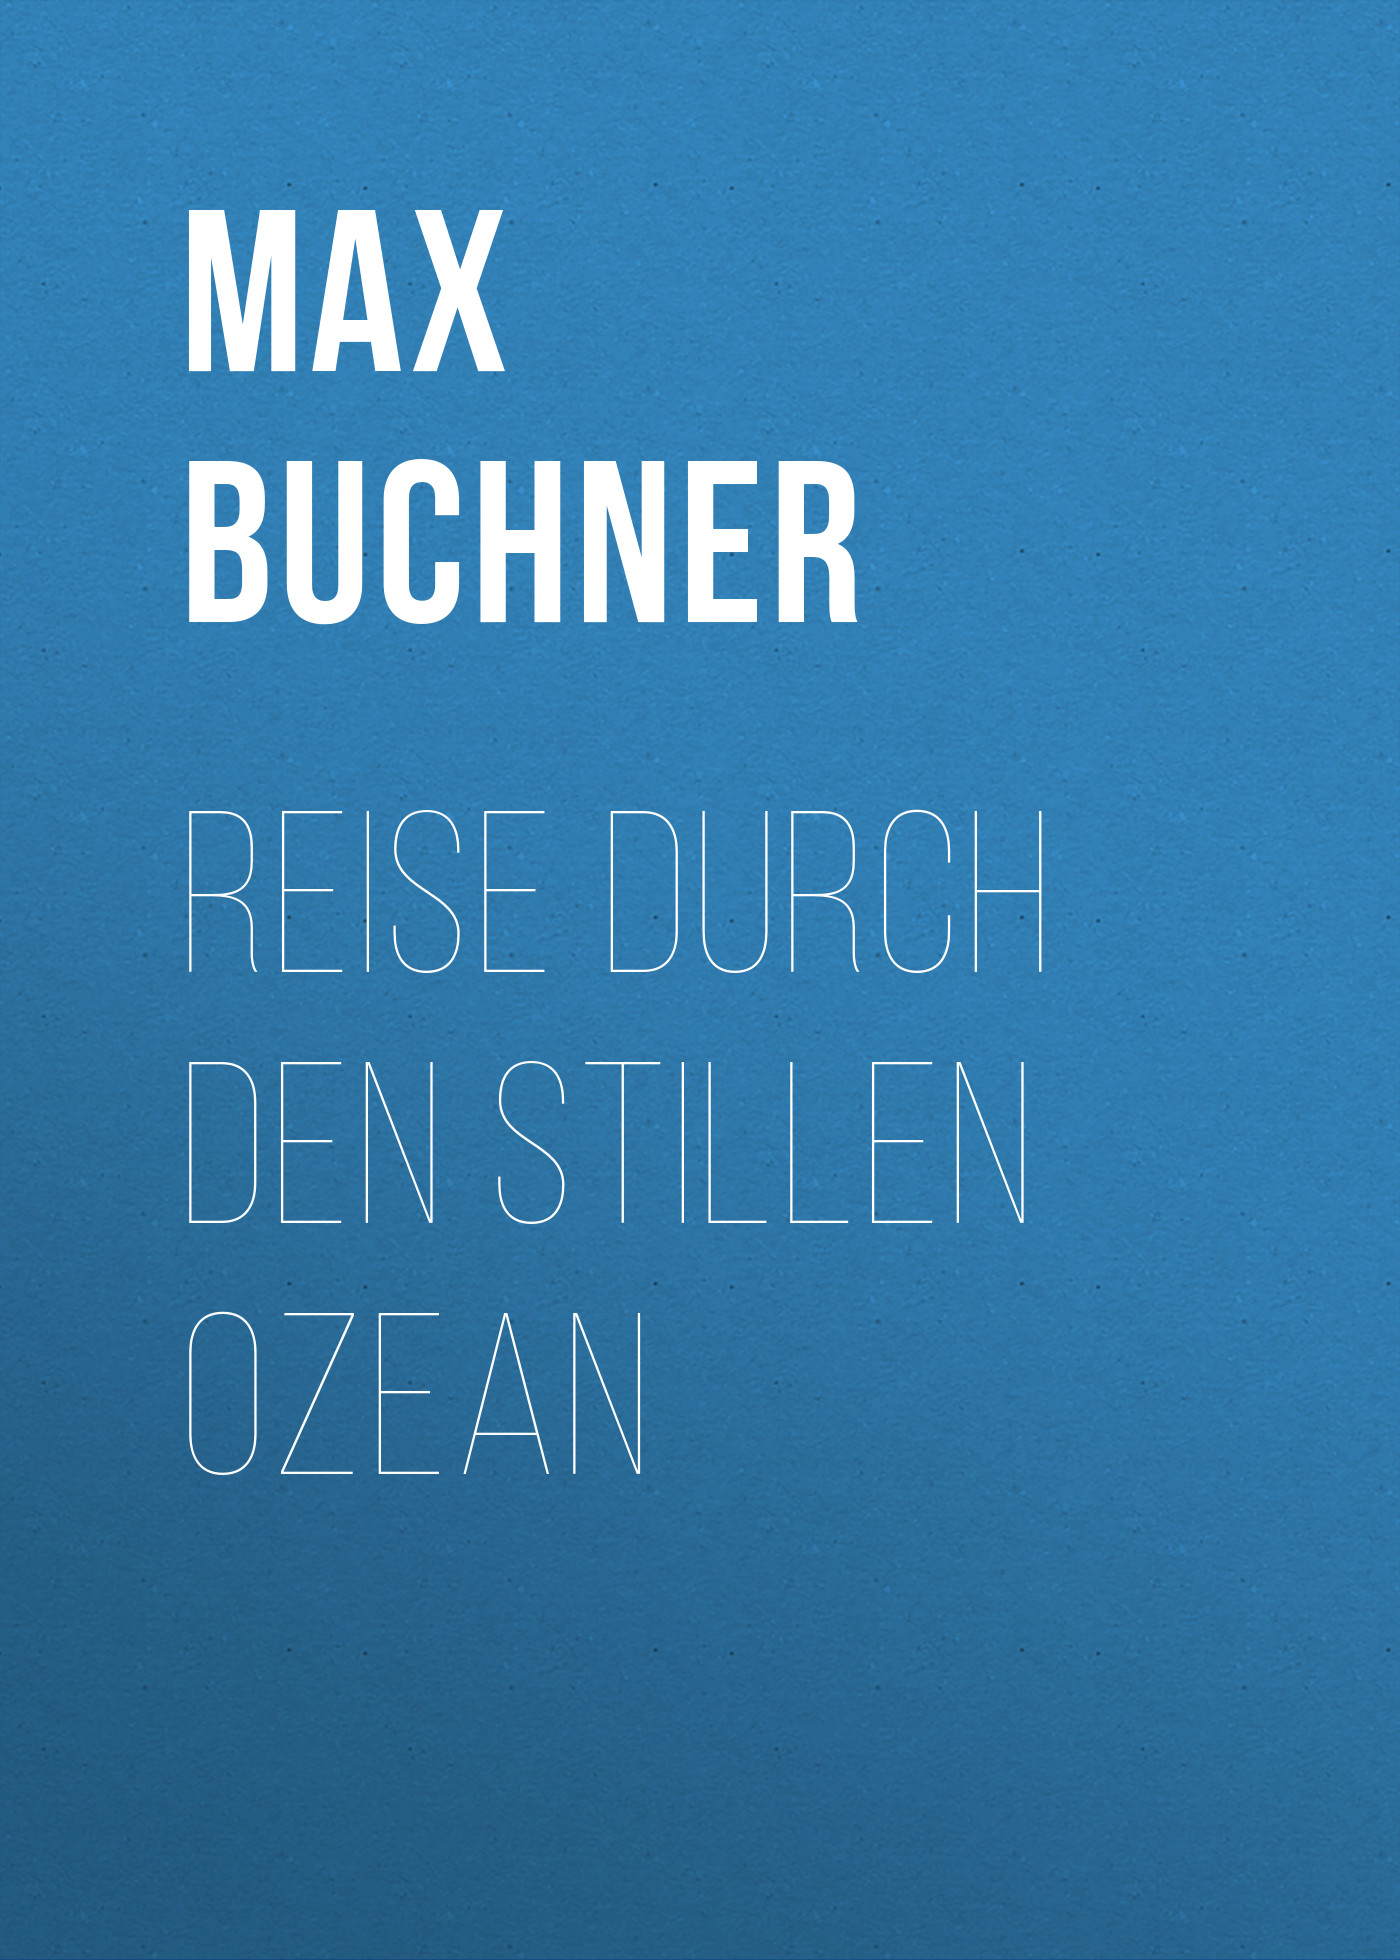 Buchner Max Reise durch den Stillen Ozean рюкзак picard 9809 113 023 ozean page 2